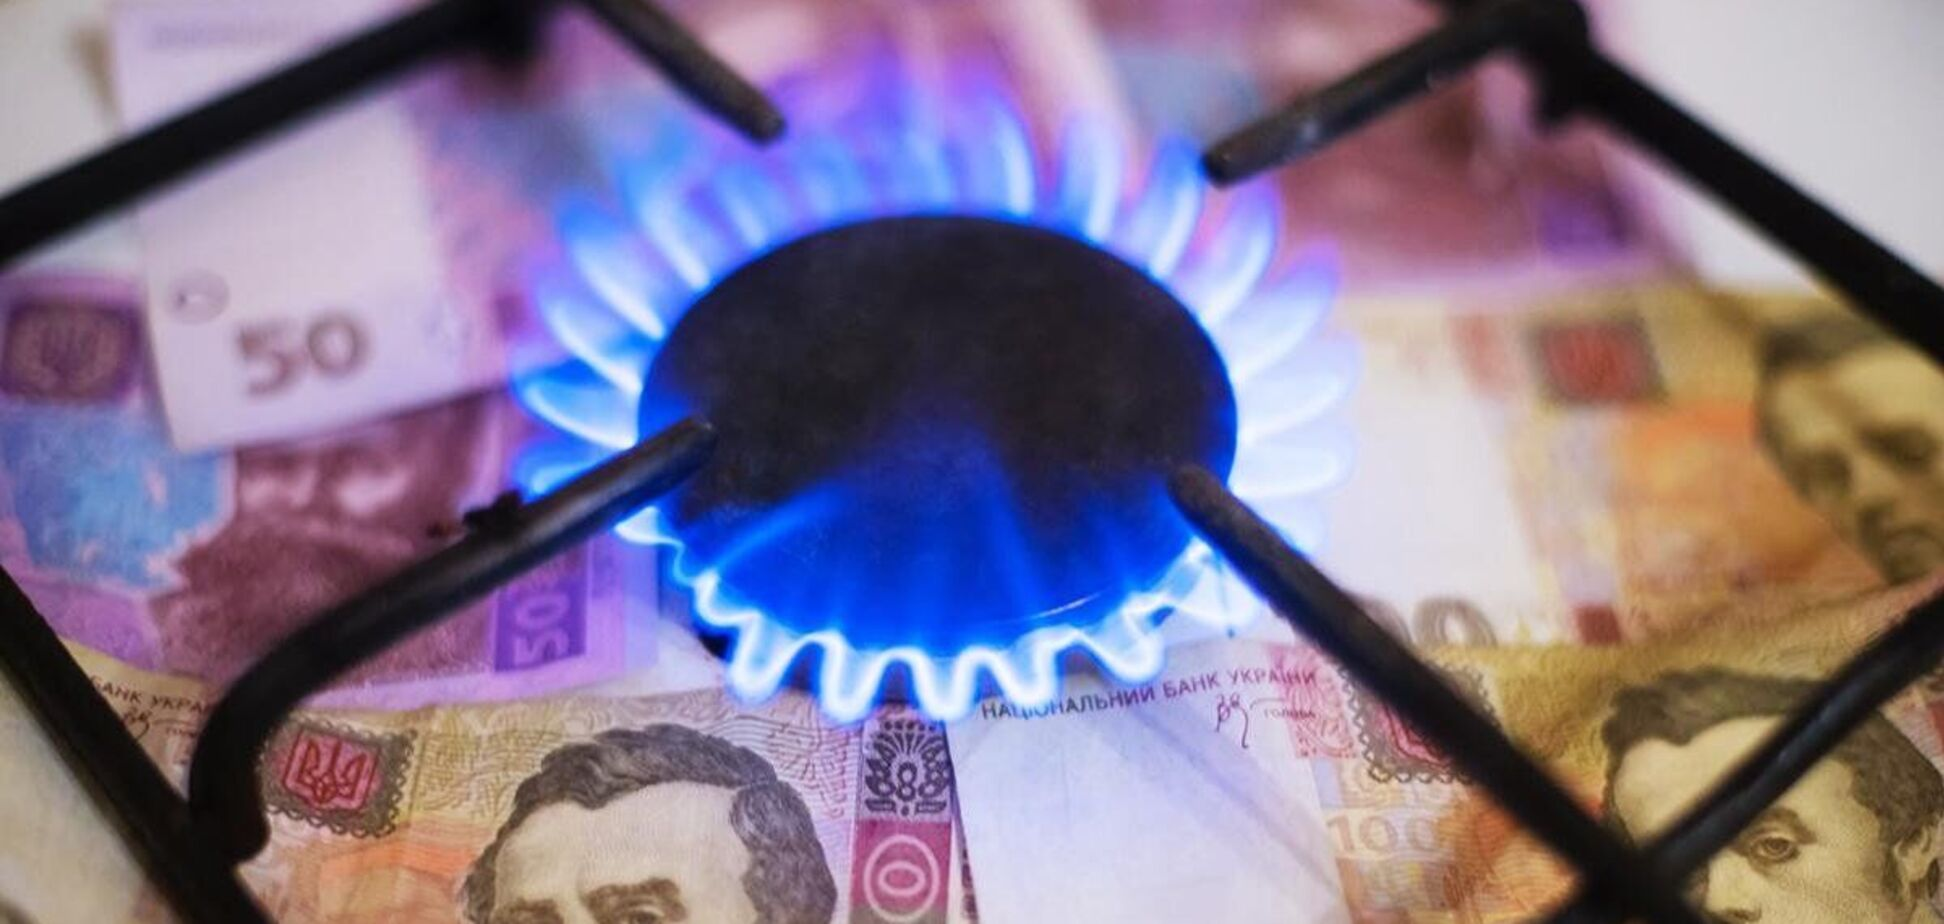 Ціна на газ: які б не були тарифи, ви все одно заплатите реальну ціну